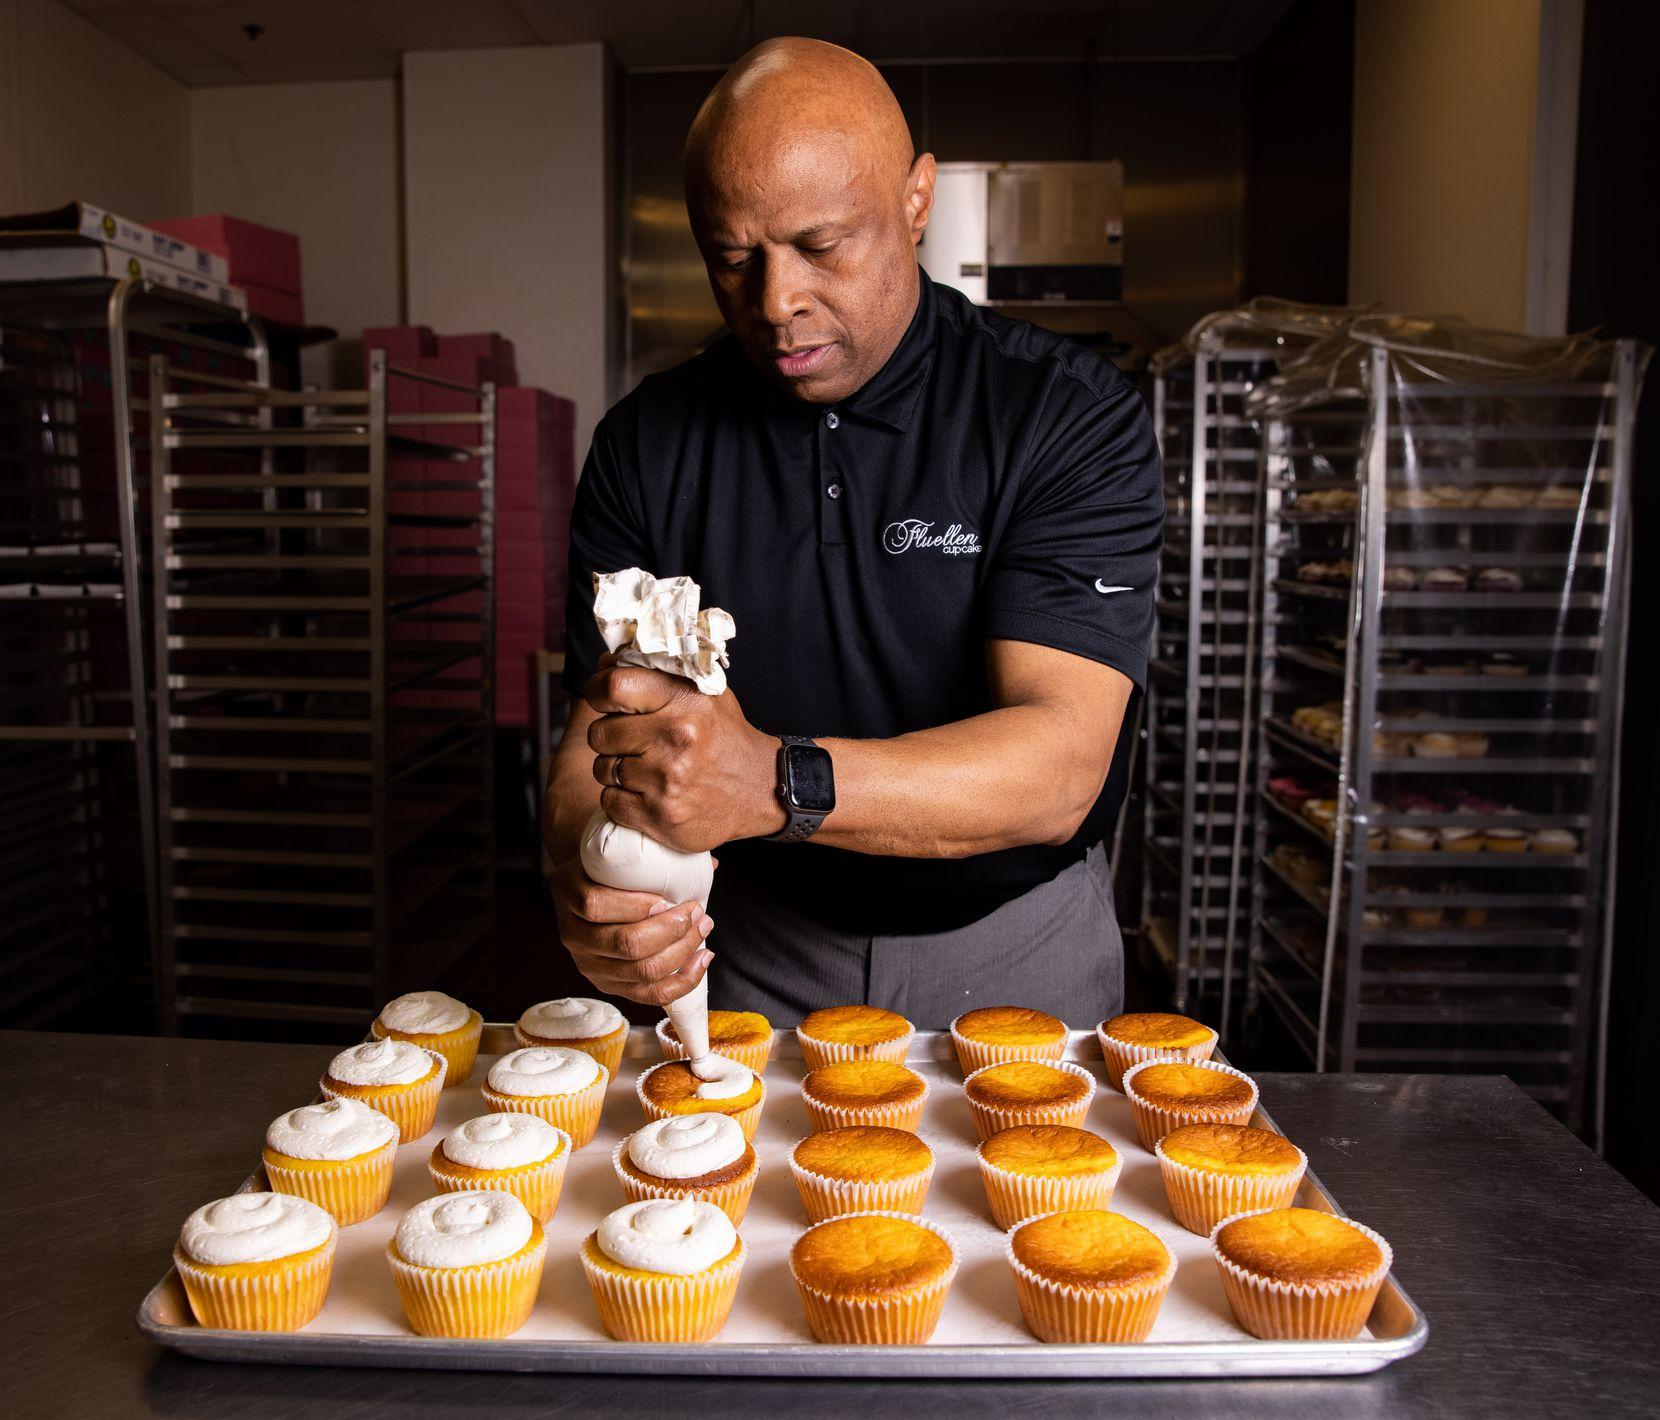 Keith Fluellen prepara sus cupcakes en su negocio Fluellen Cupcakes. El negocio sobrevivió gracias a los préstamos federales por la pandemia, pero tuvo que cerrar dos de sus tres tiendas.